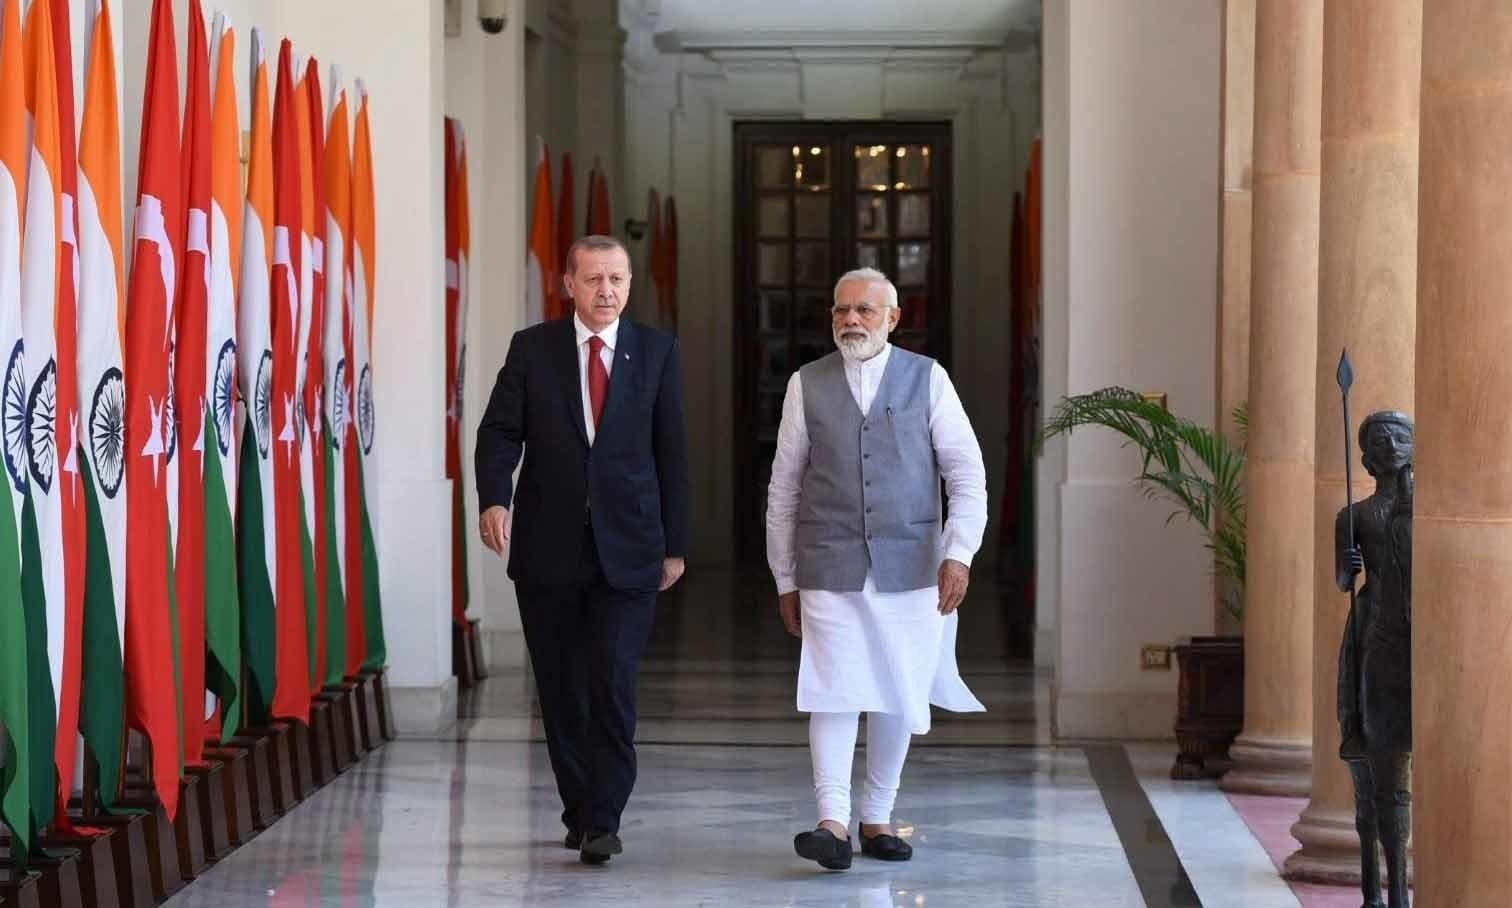 رجب طیب اردوان کا کشمیر سے متعلق بیان، بھارت میں ترک سفیر طلب